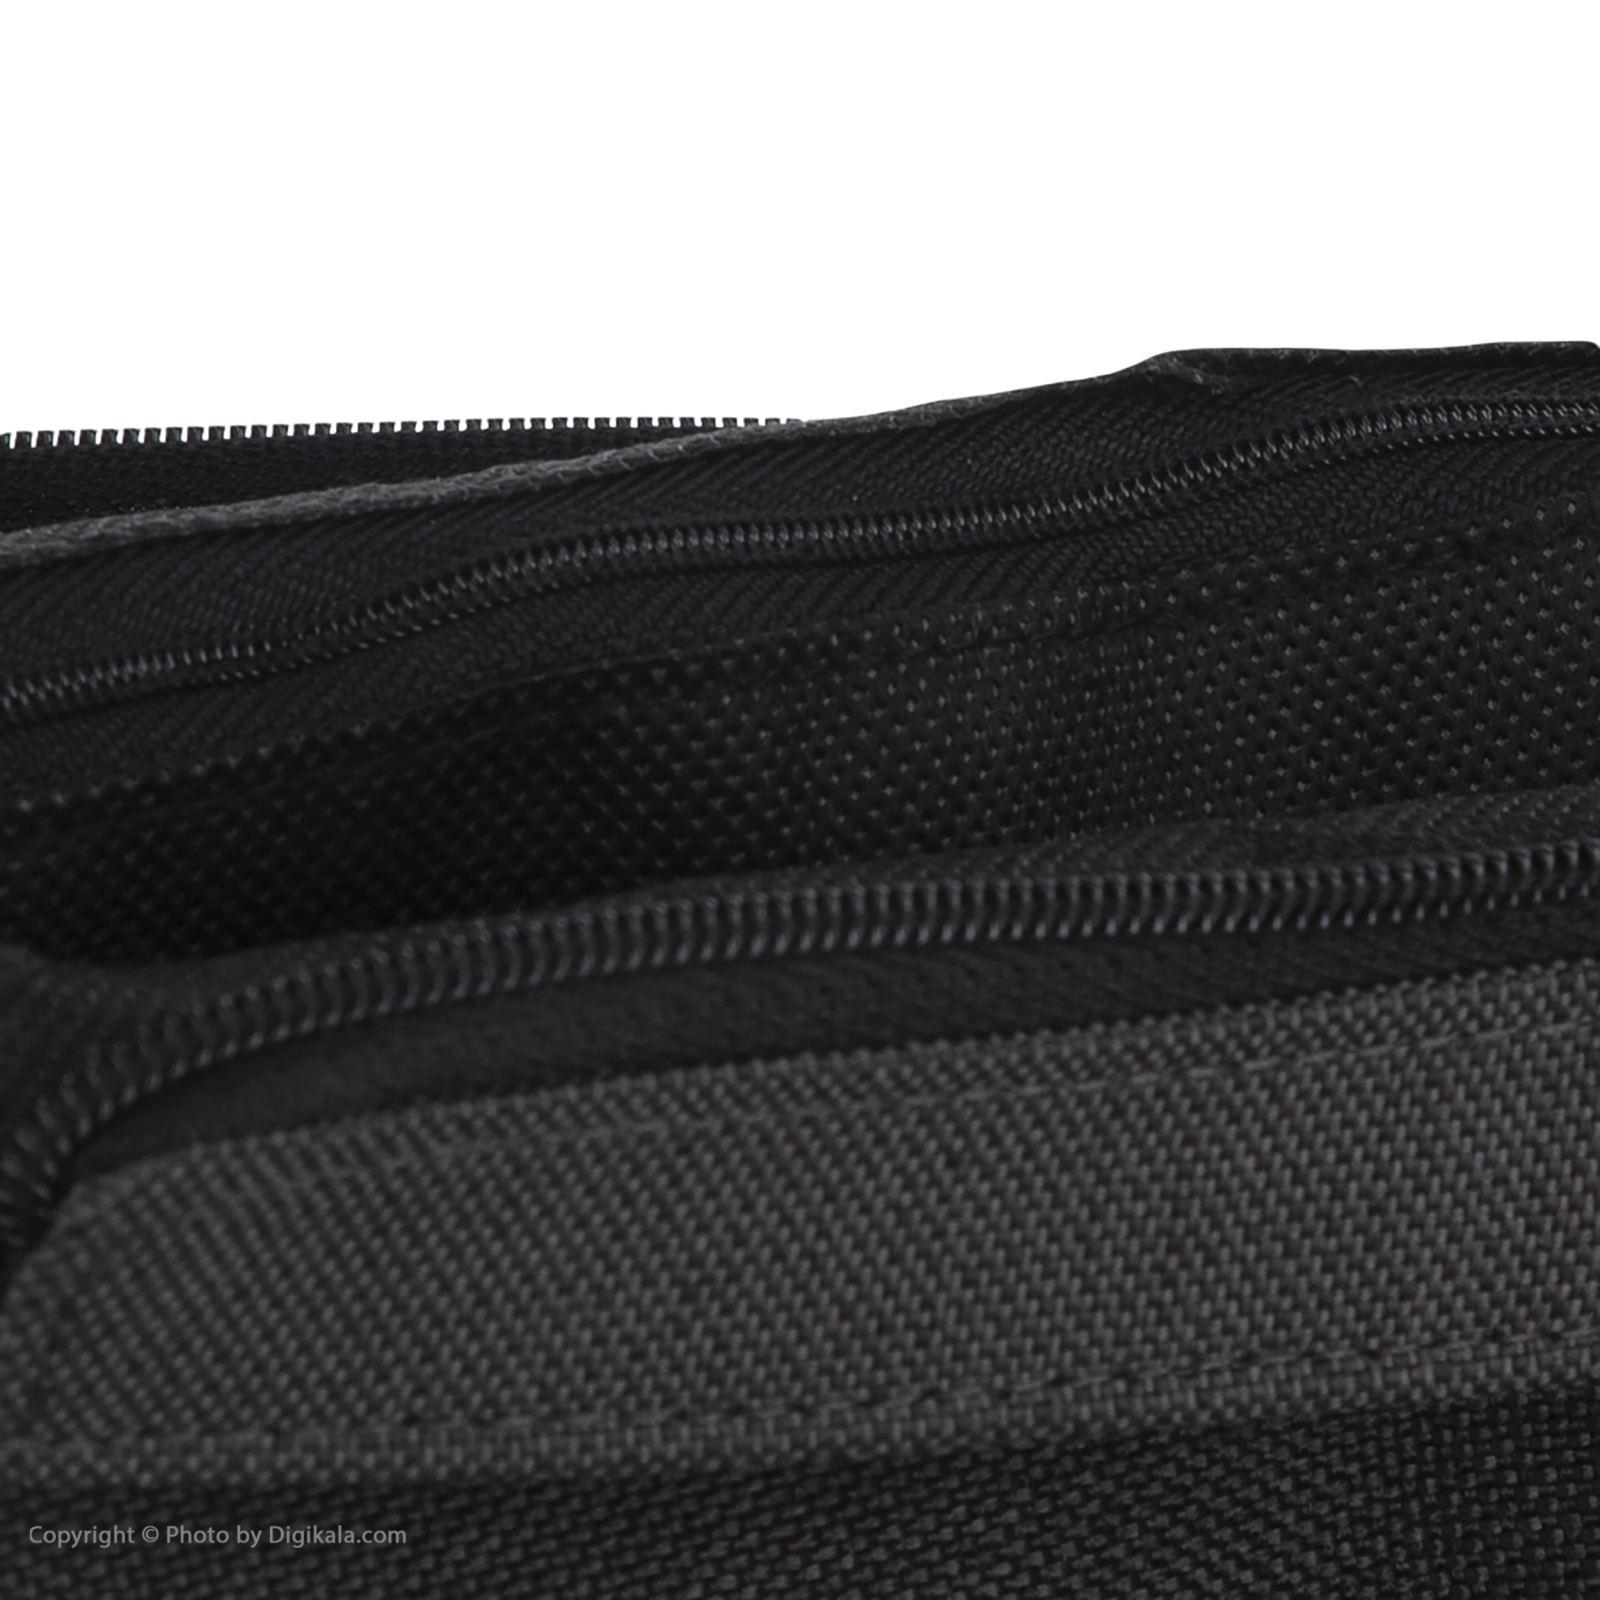 کیف رودوشی زنانه میو مدل MBS165 -  - 4